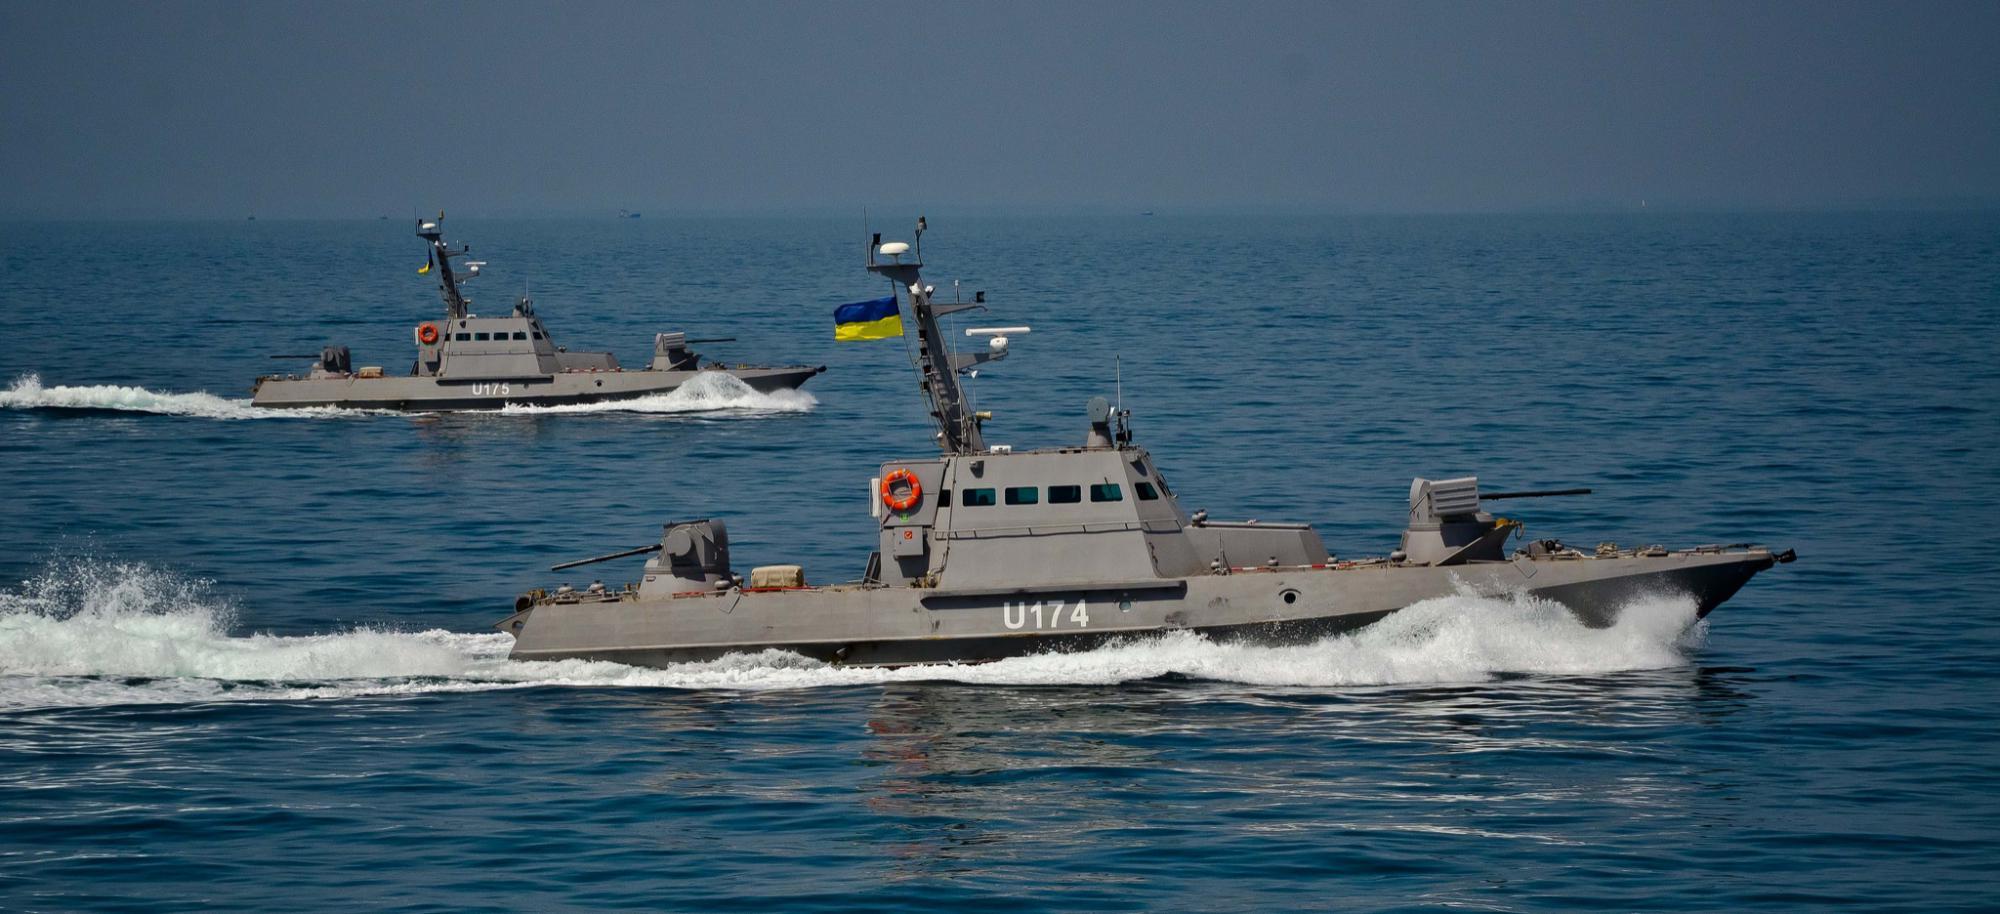 Илон Маск готов оказать Украине помощь в восстановлении и модернизации флота (оттуда...)